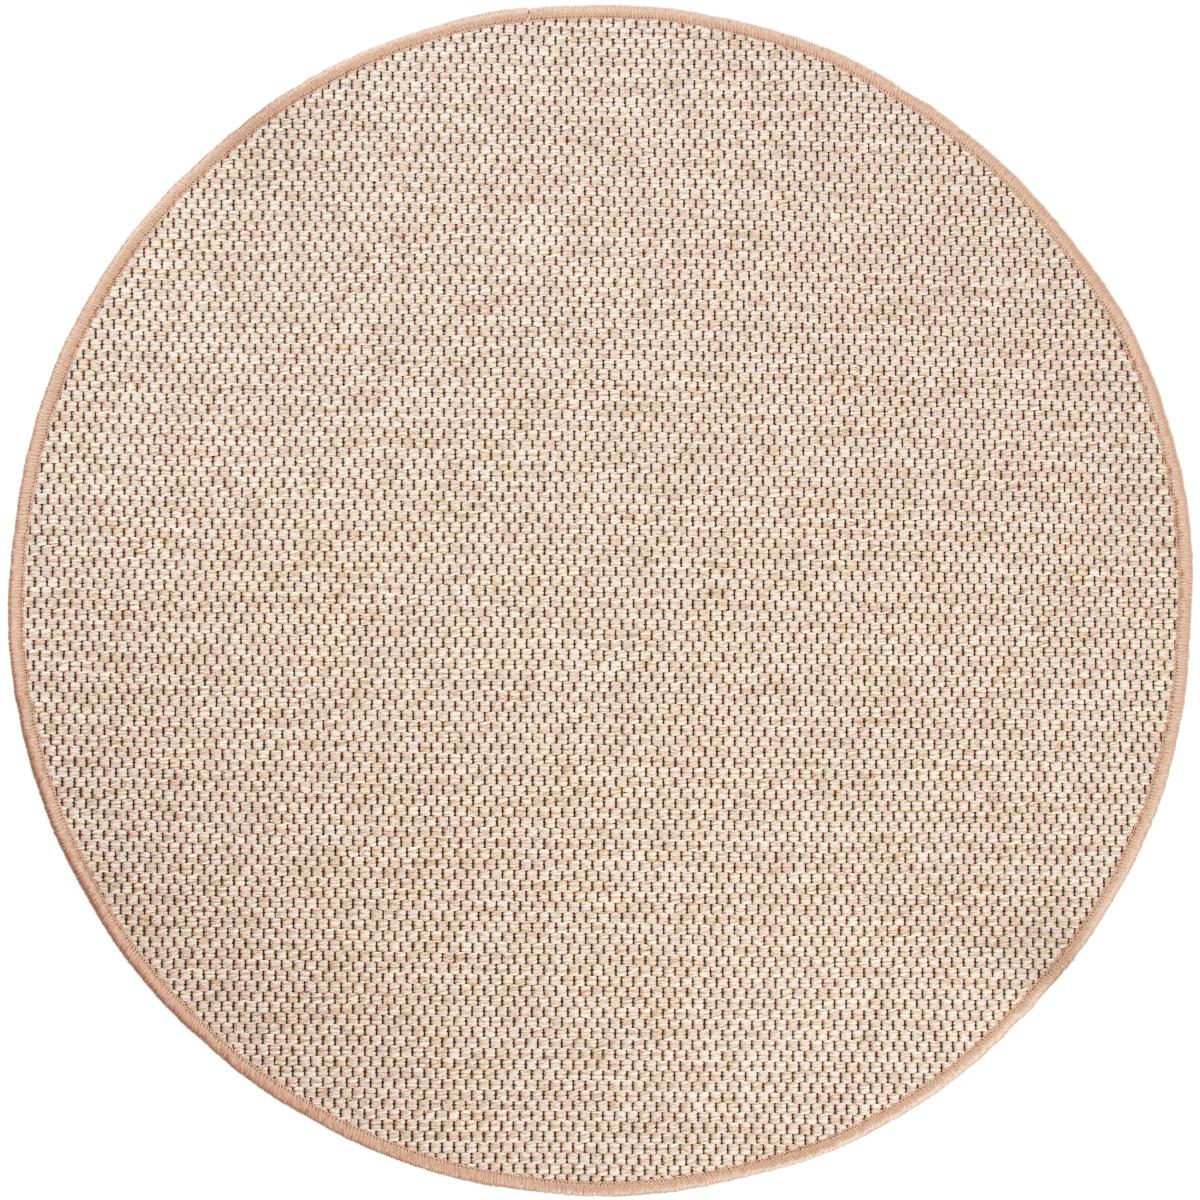 Fotografie Vopi Kusový koberec Nature hnědá, 120 cm